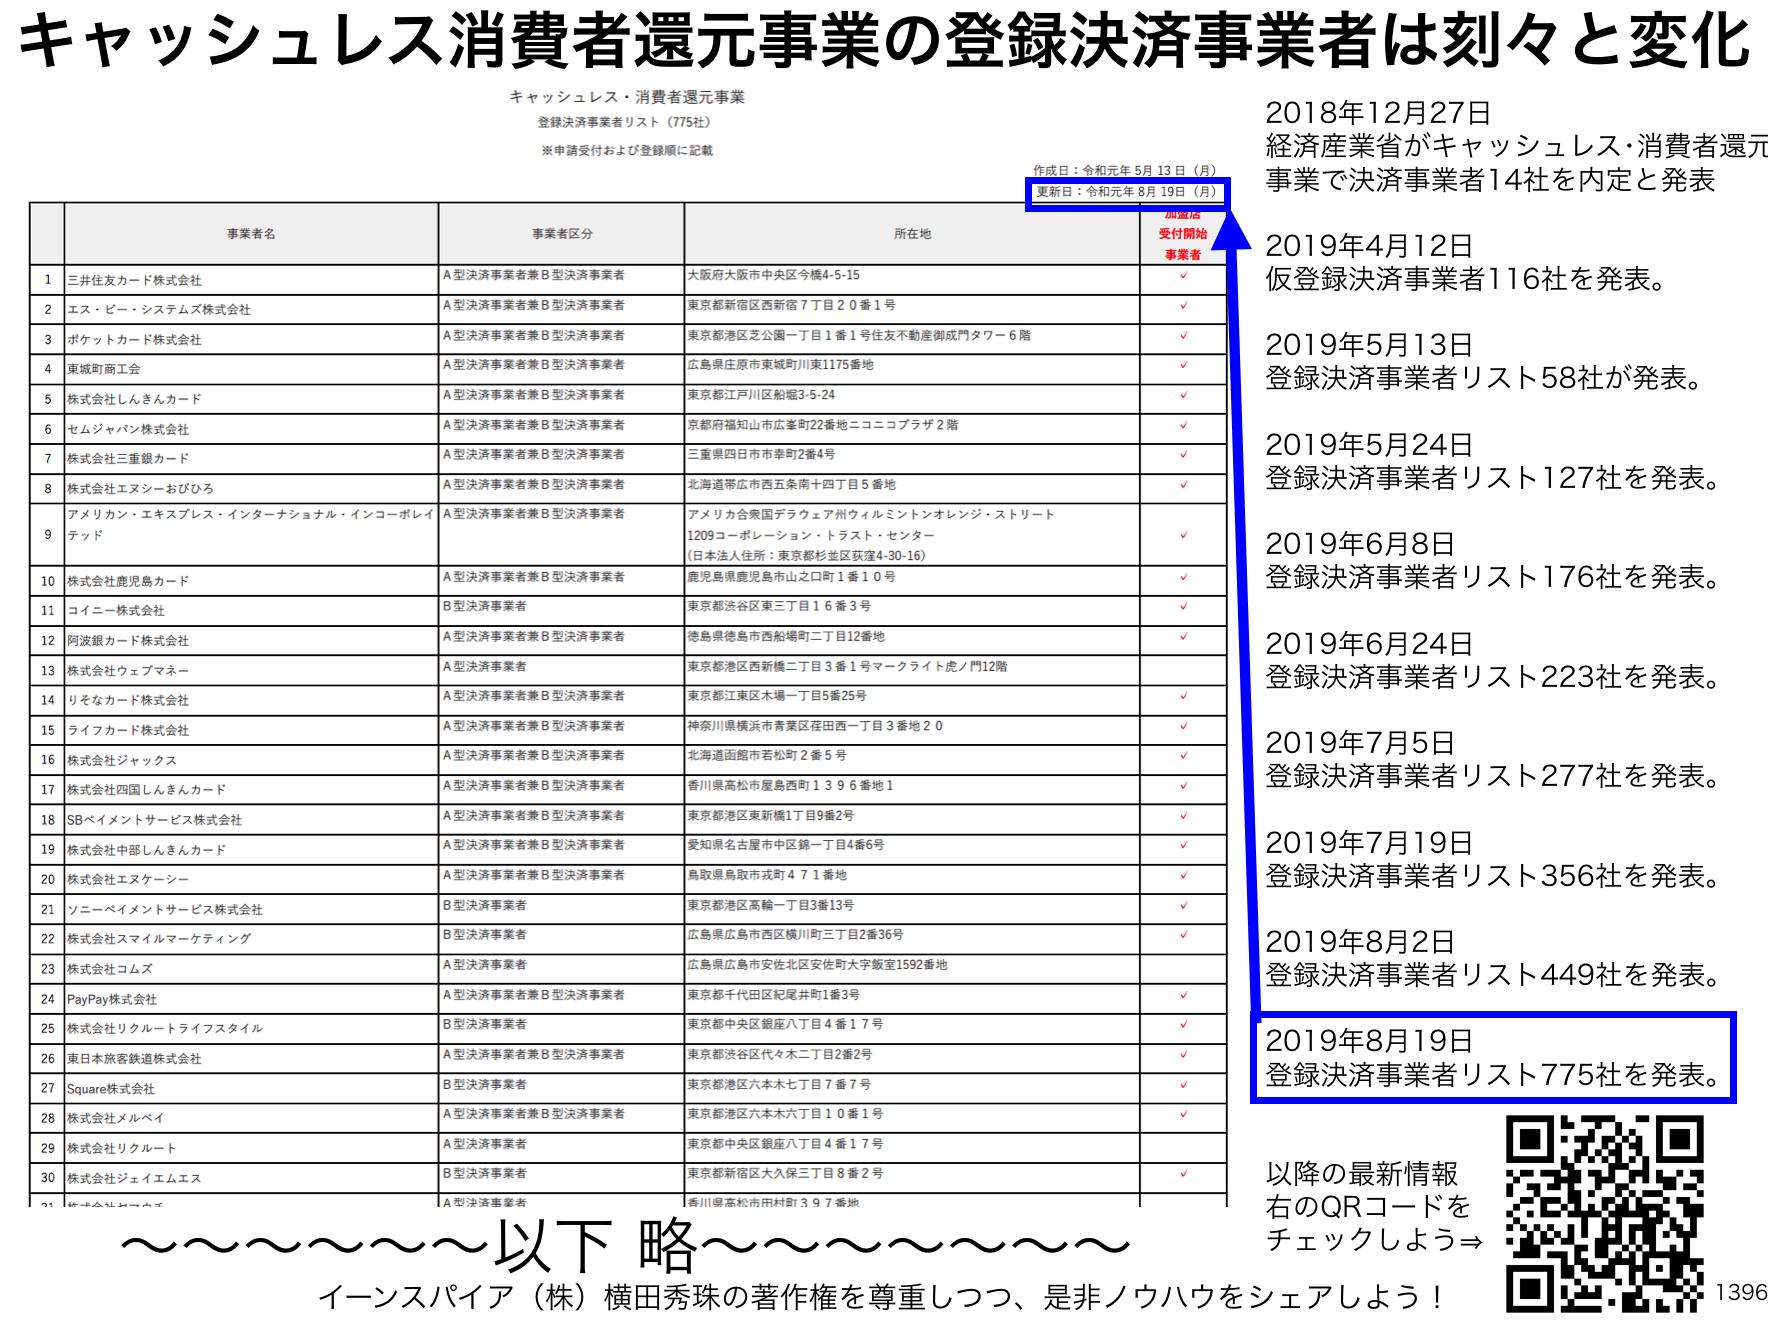 キャッシュレス・消費者還元事業 登録決済事業者リスト449社